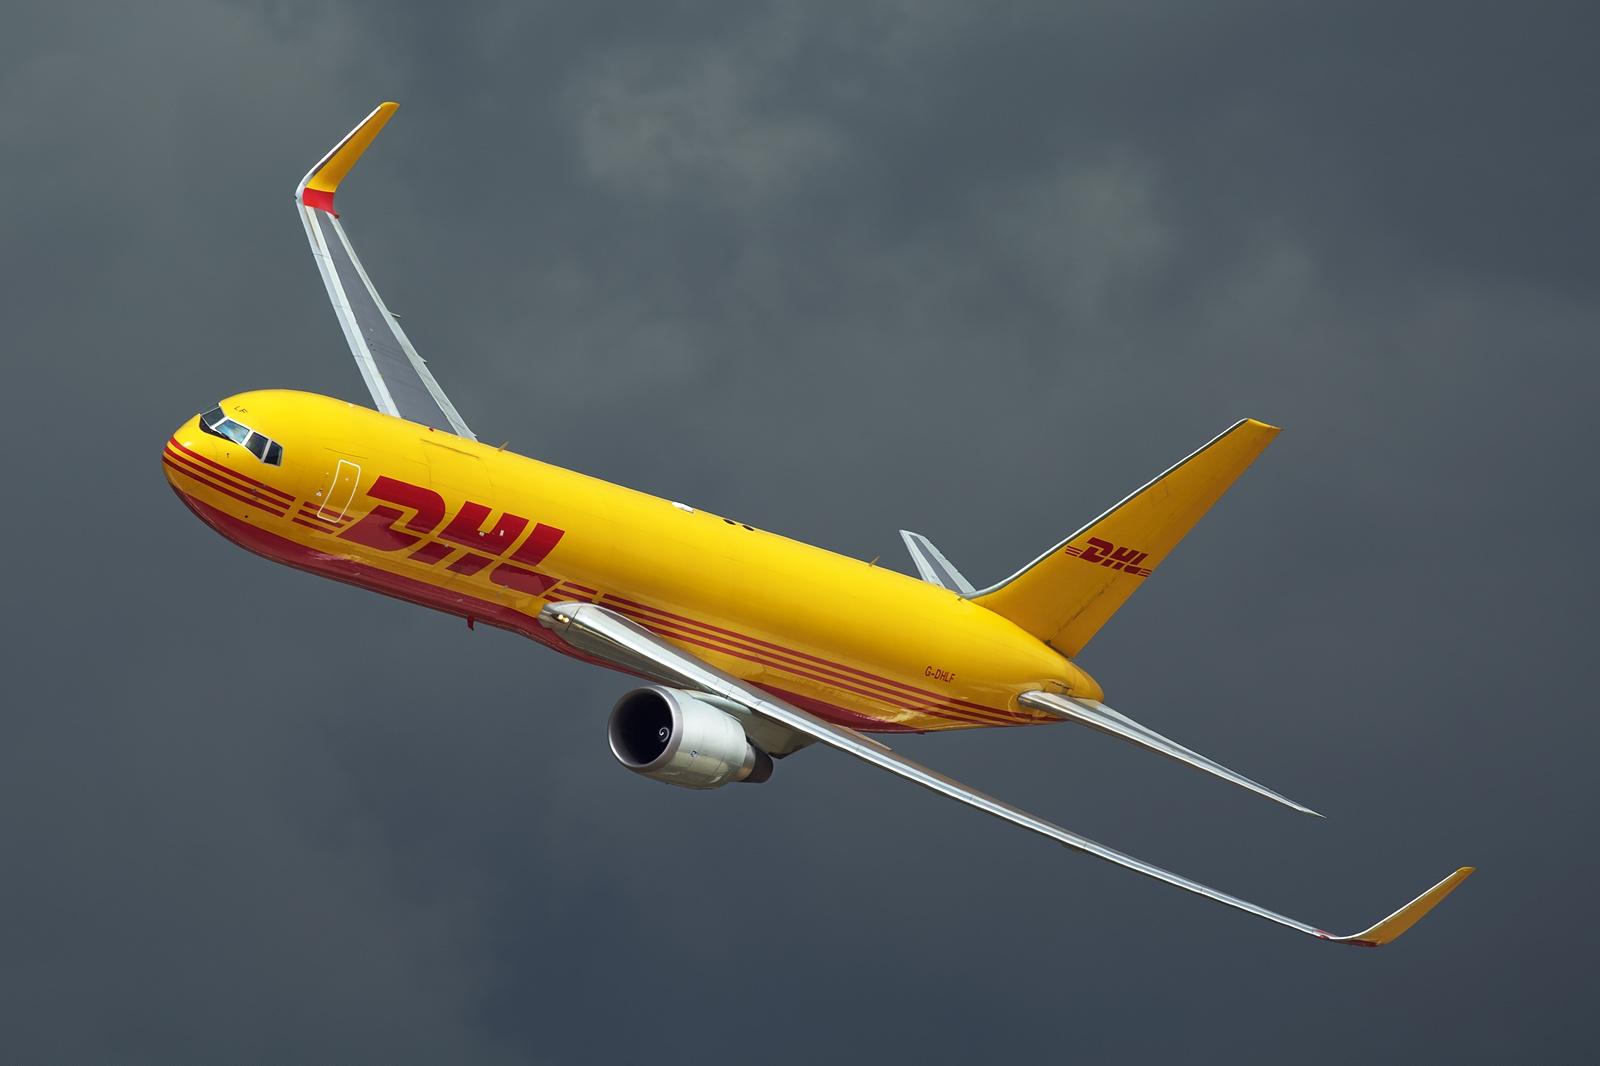 DHL国际快递 DHL国际快递进口 中国进口流程 国际快递 鹿跃国际快递 国际运输 进口操作